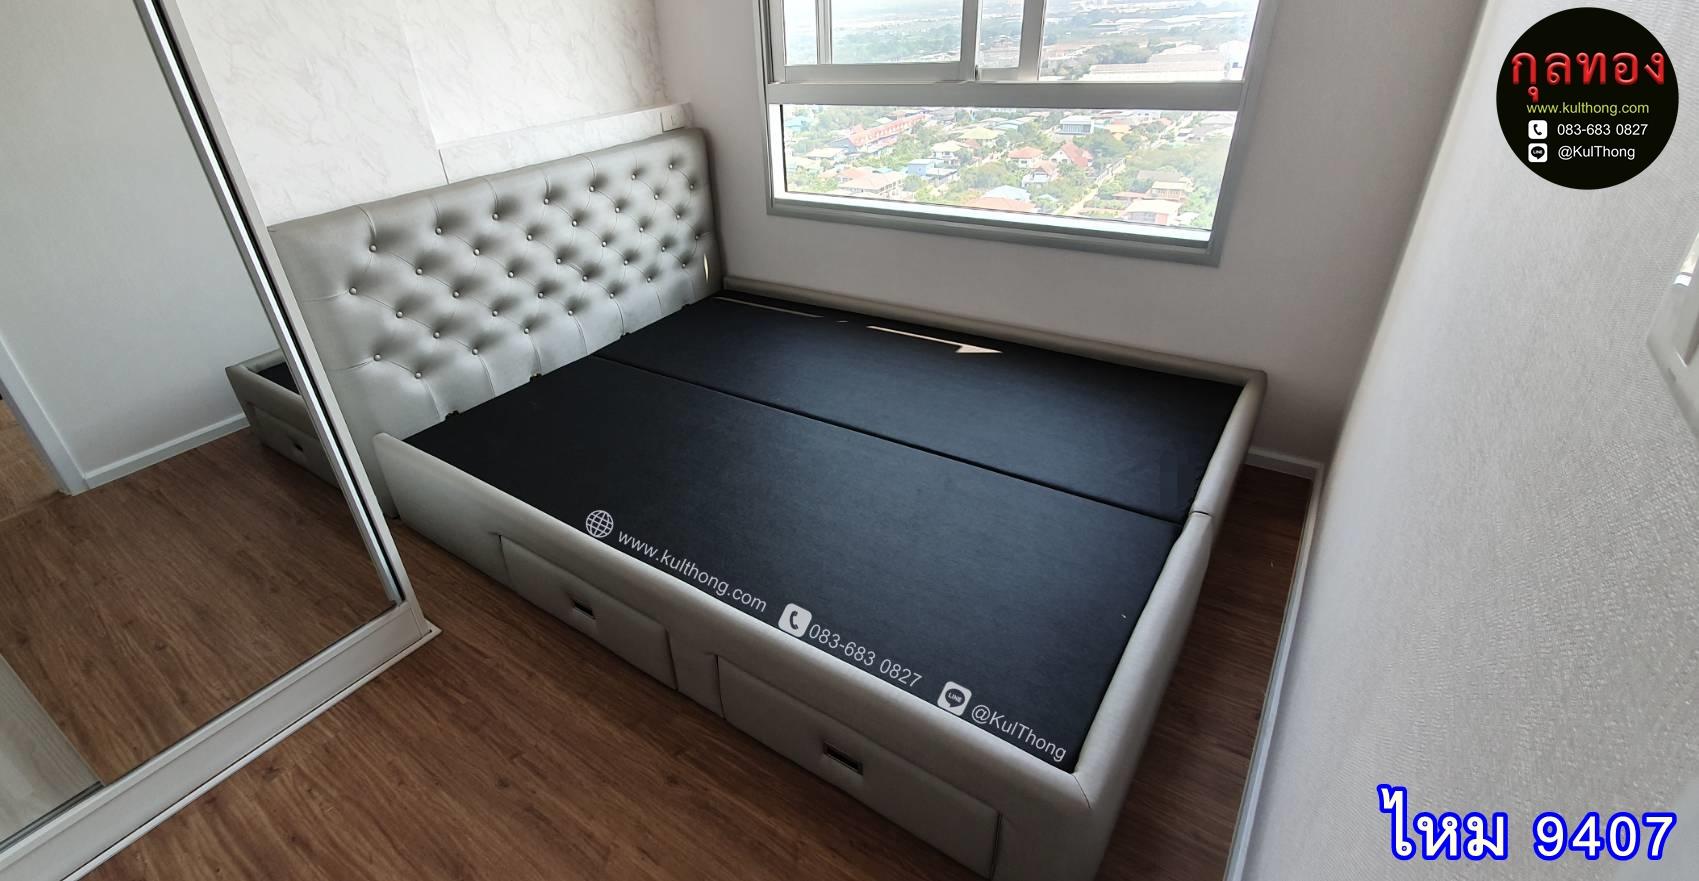 เตียงหุ้มหนัง หัวเตียงดึงกระดุม เตียงสั่งทำ เตียงปรับขนาด